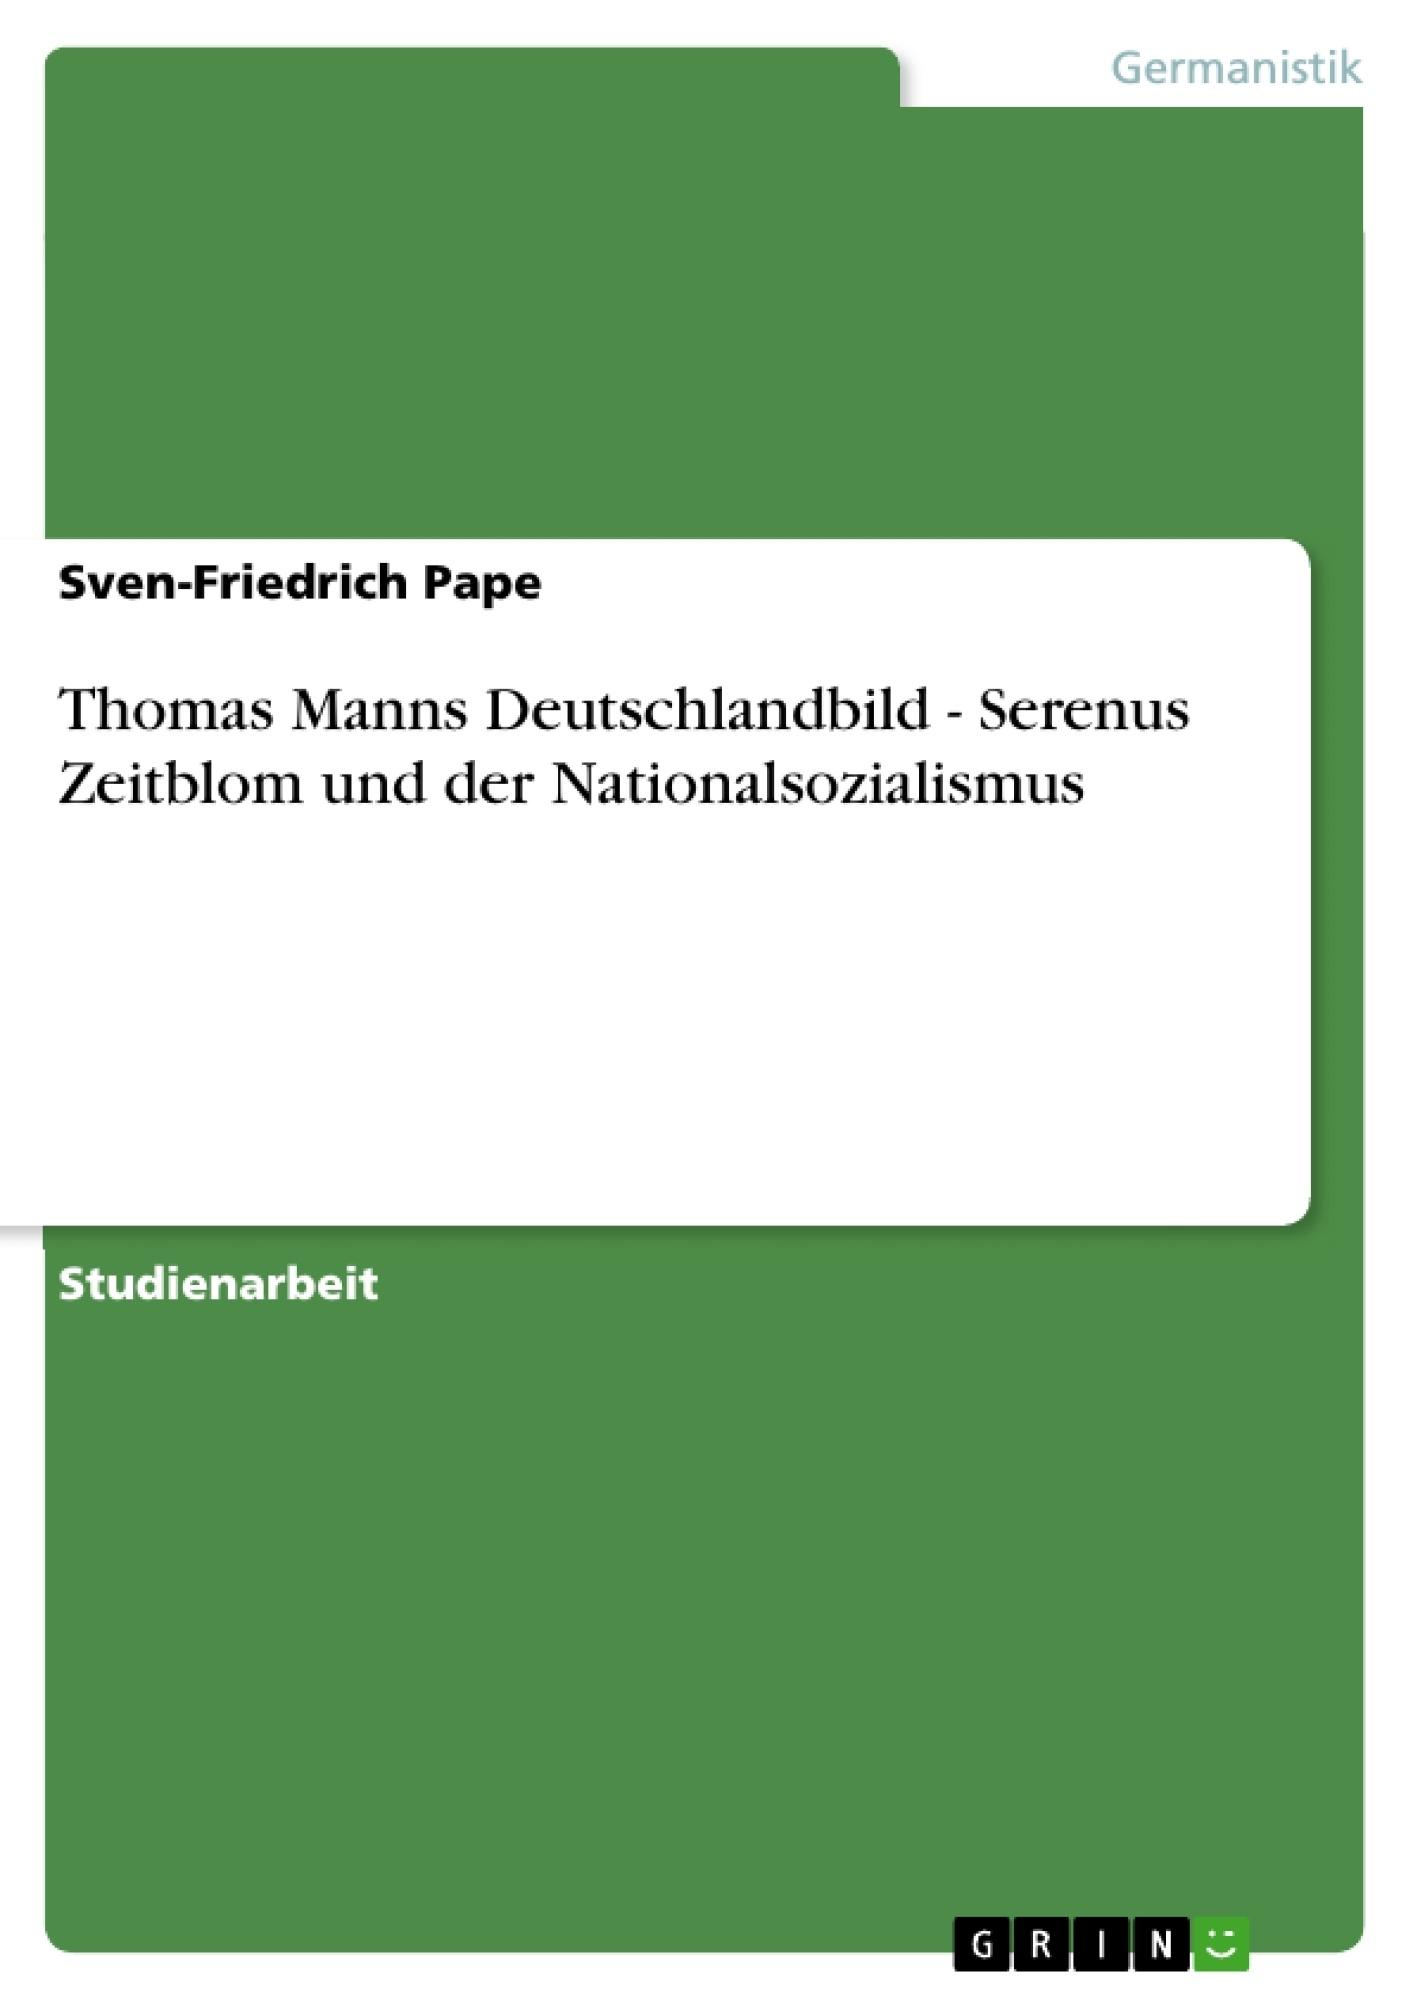 Titel: Thomas Manns Deutschlandbild - Serenus Zeitblom und der Nationalsozialismus